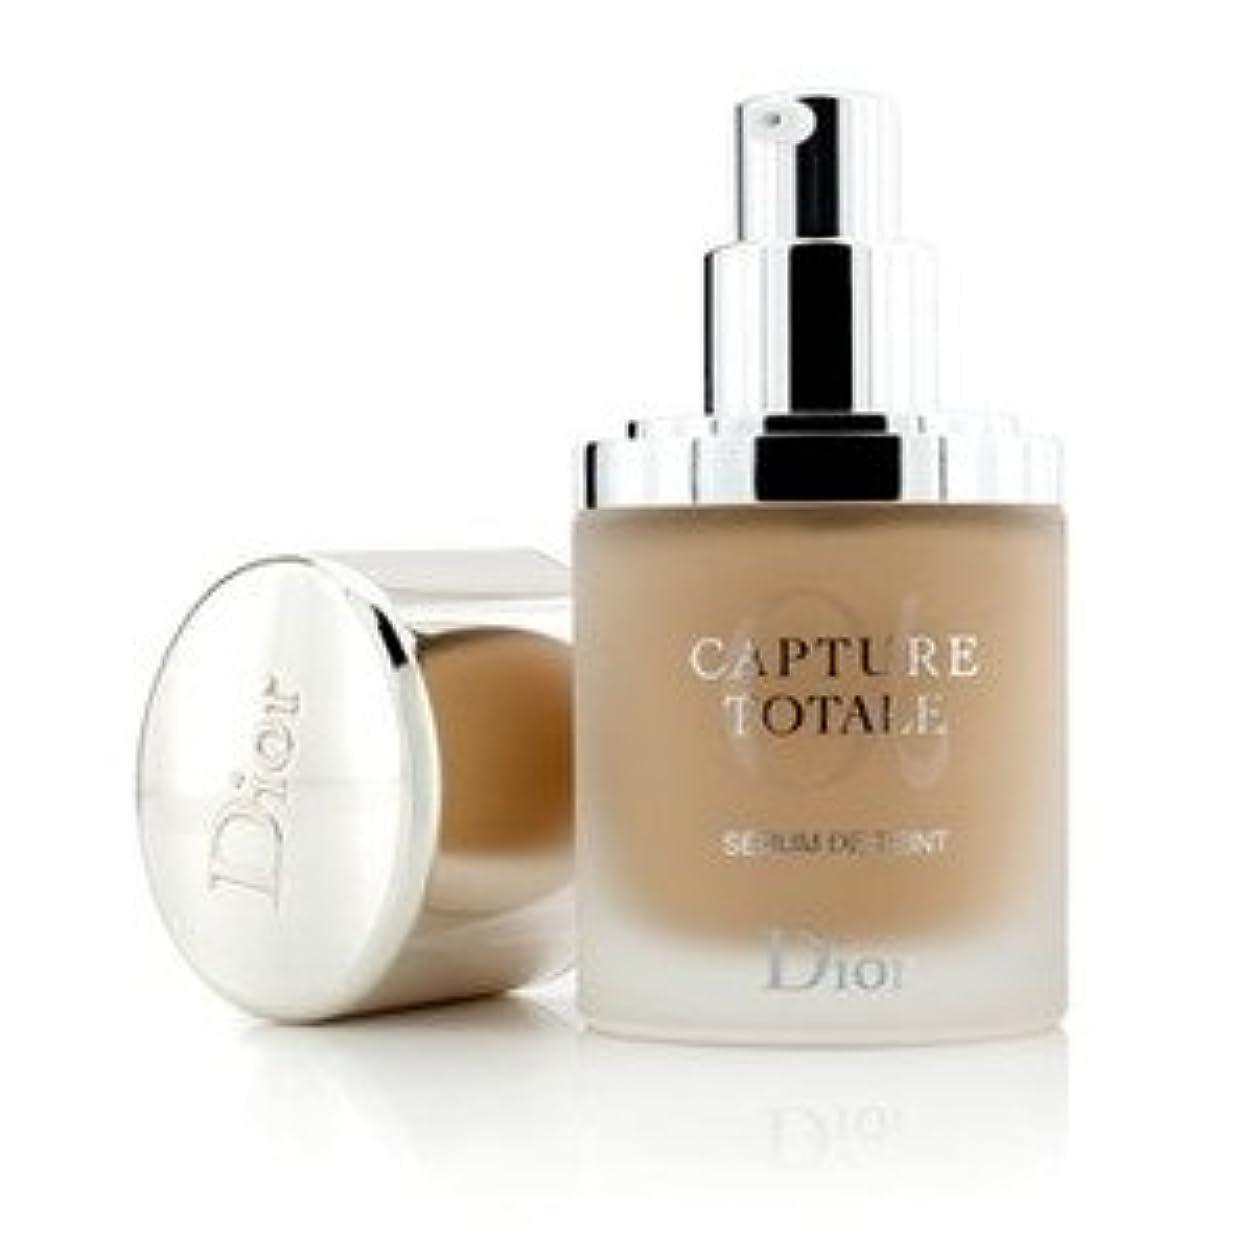 うなり声結果毛皮Dior(ディオール) カプチュール トータル トリプル コレクティング セラム ファンデーション SPF25 #020 Light Beige 30ml/1oz [並行輸入品]